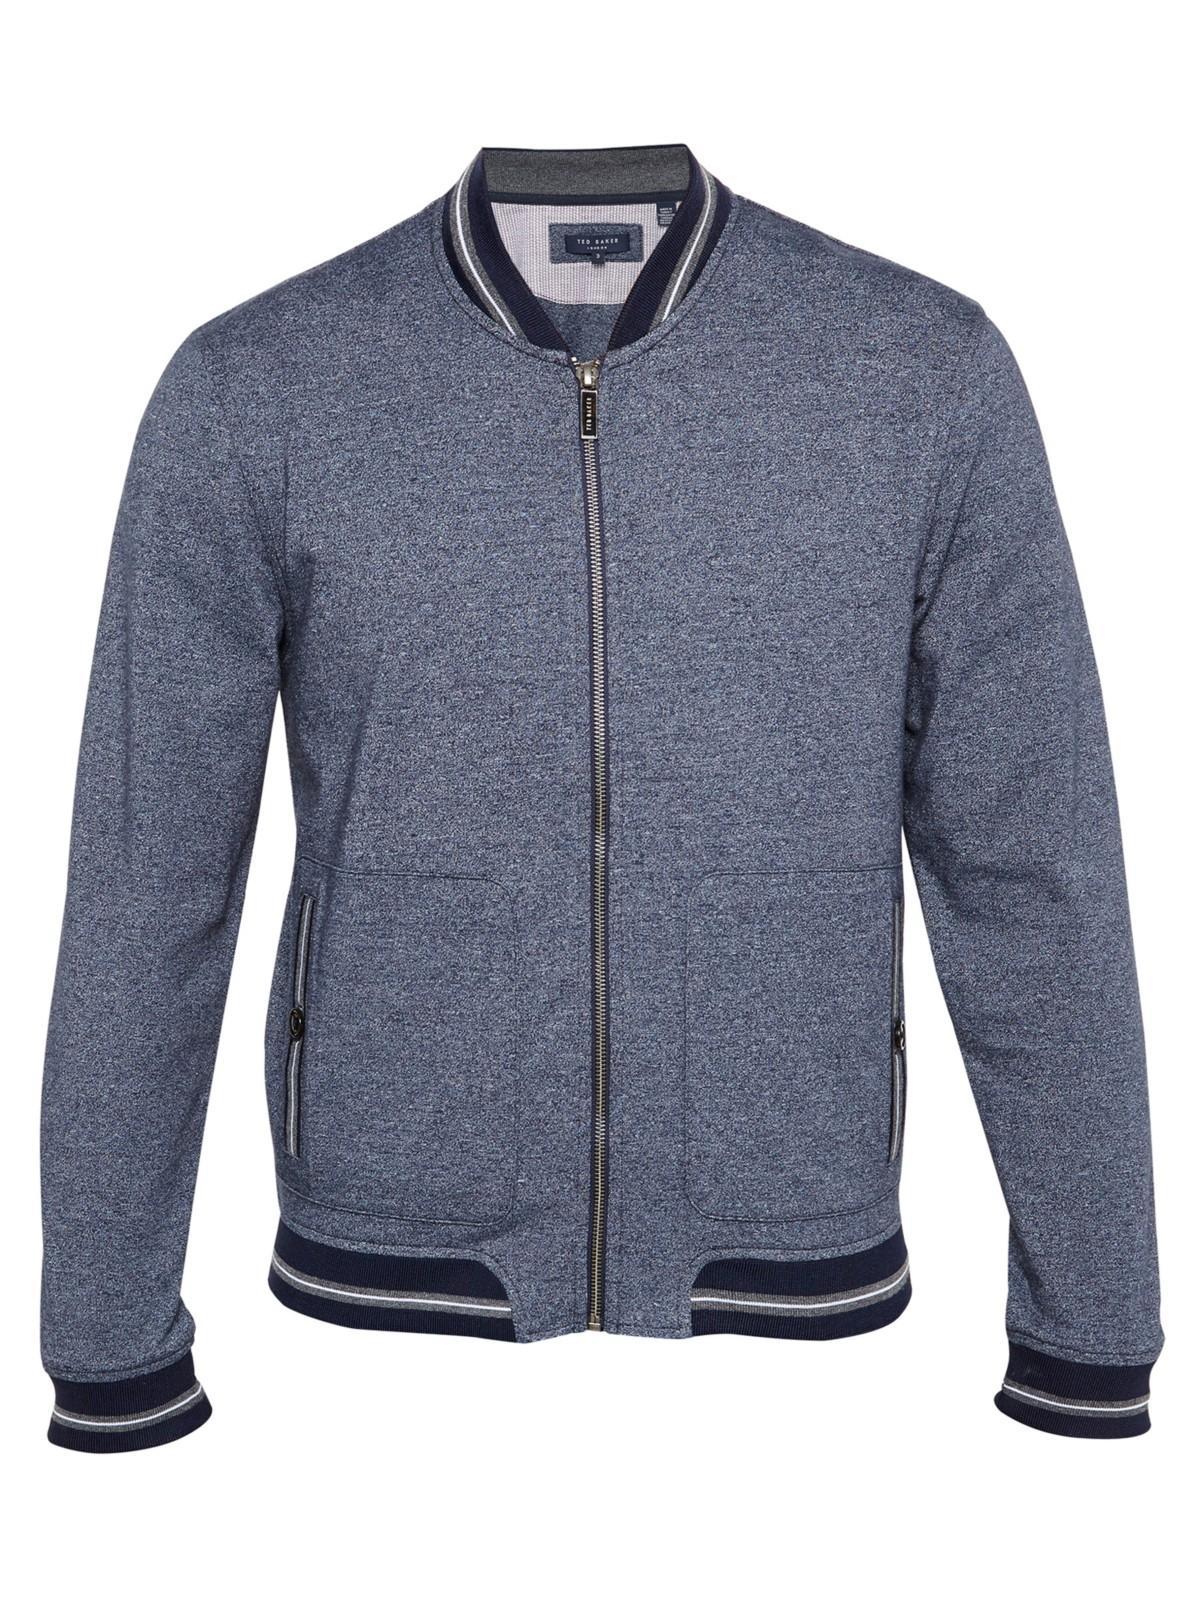 Ted Baker Cotton Envisa Mouline Bomber Jacket in Navy (Blue) for Men